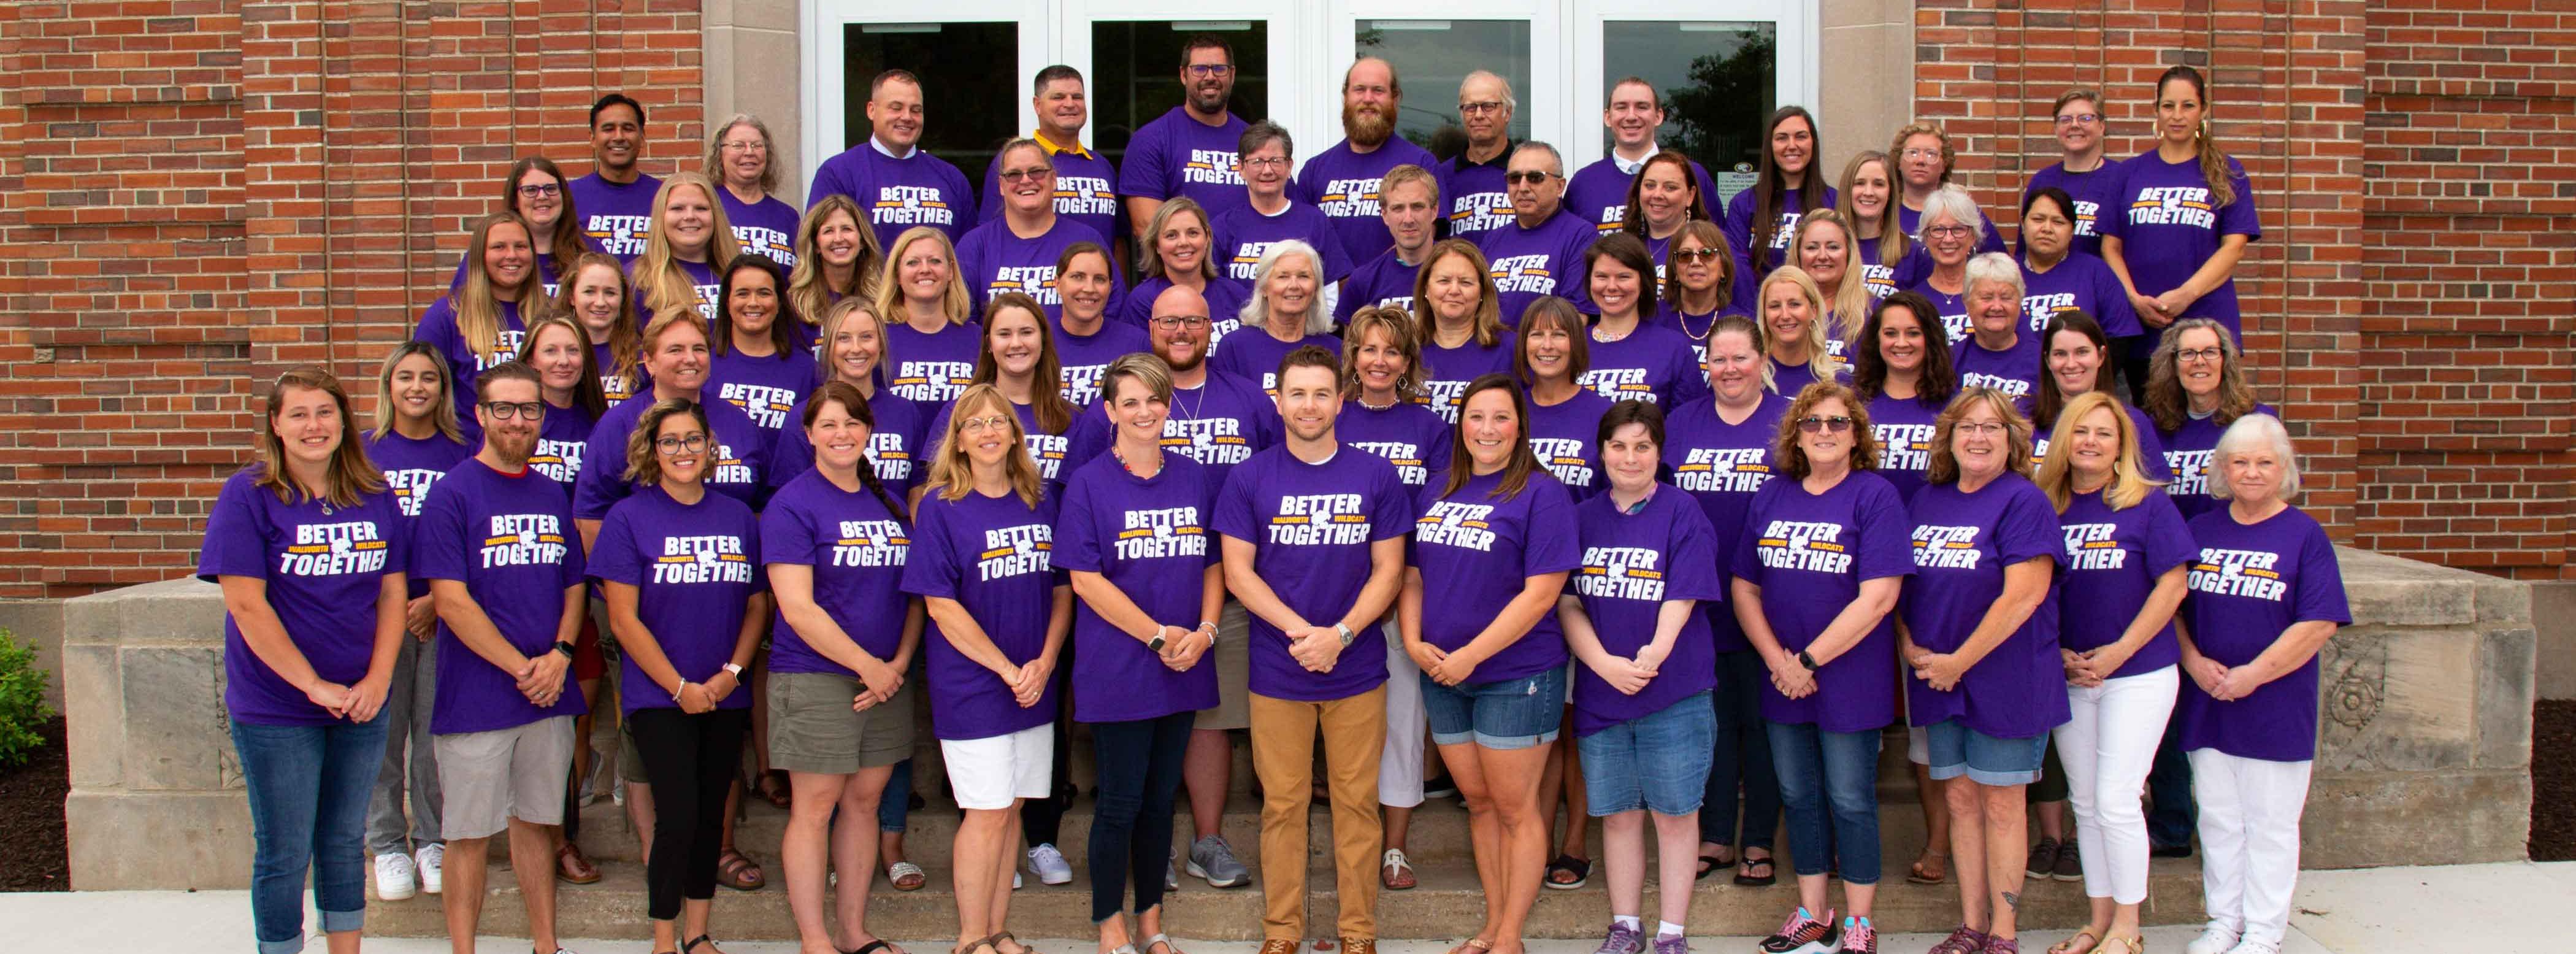 Walworth Staff Photo